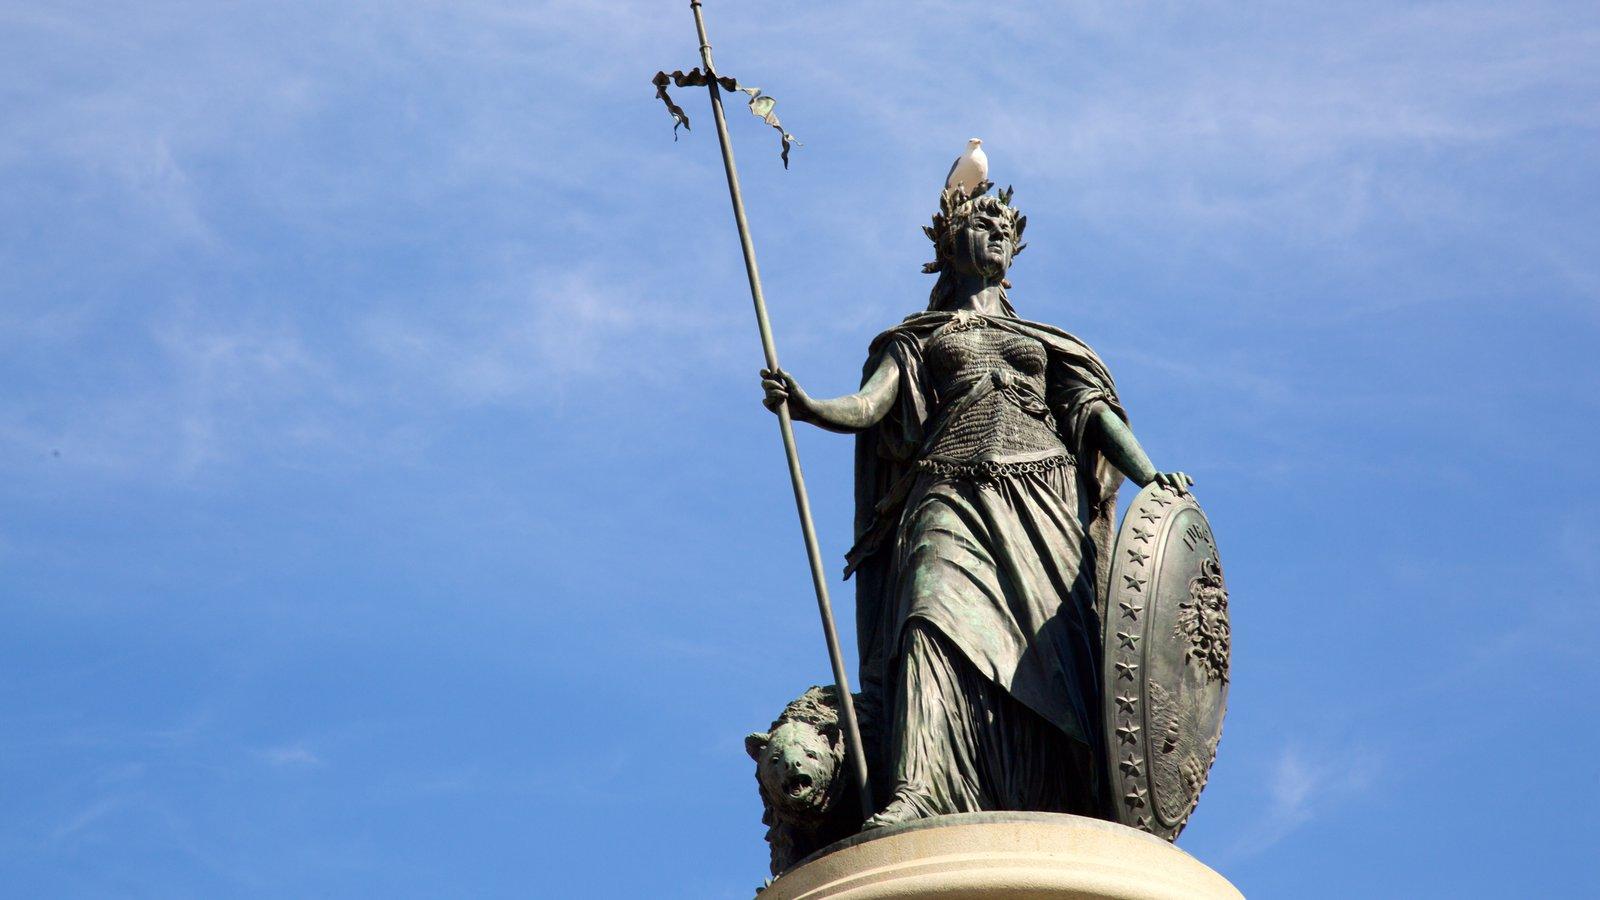 Civic Center mostrando uma estátua ou escultura